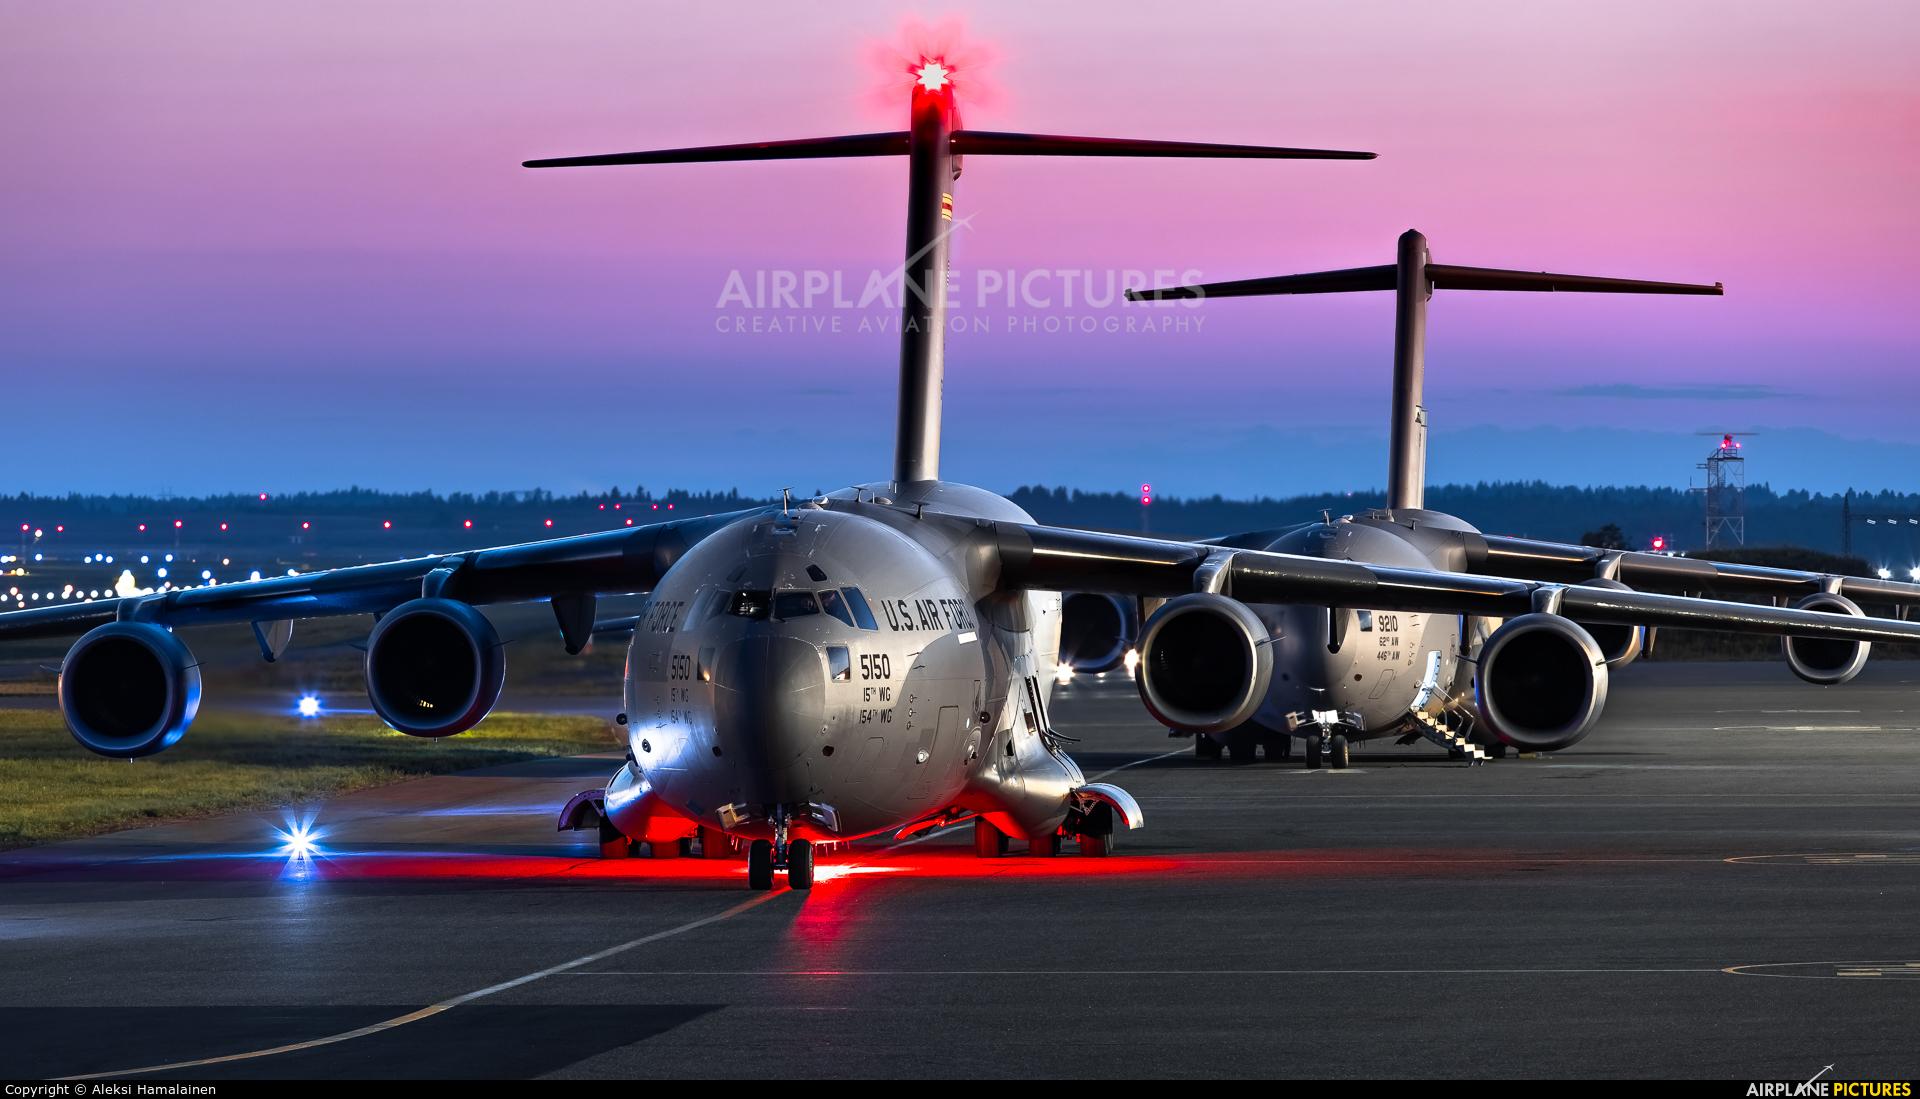 USA - Air Force 05-5150 aircraft at Helsinki - Vantaa